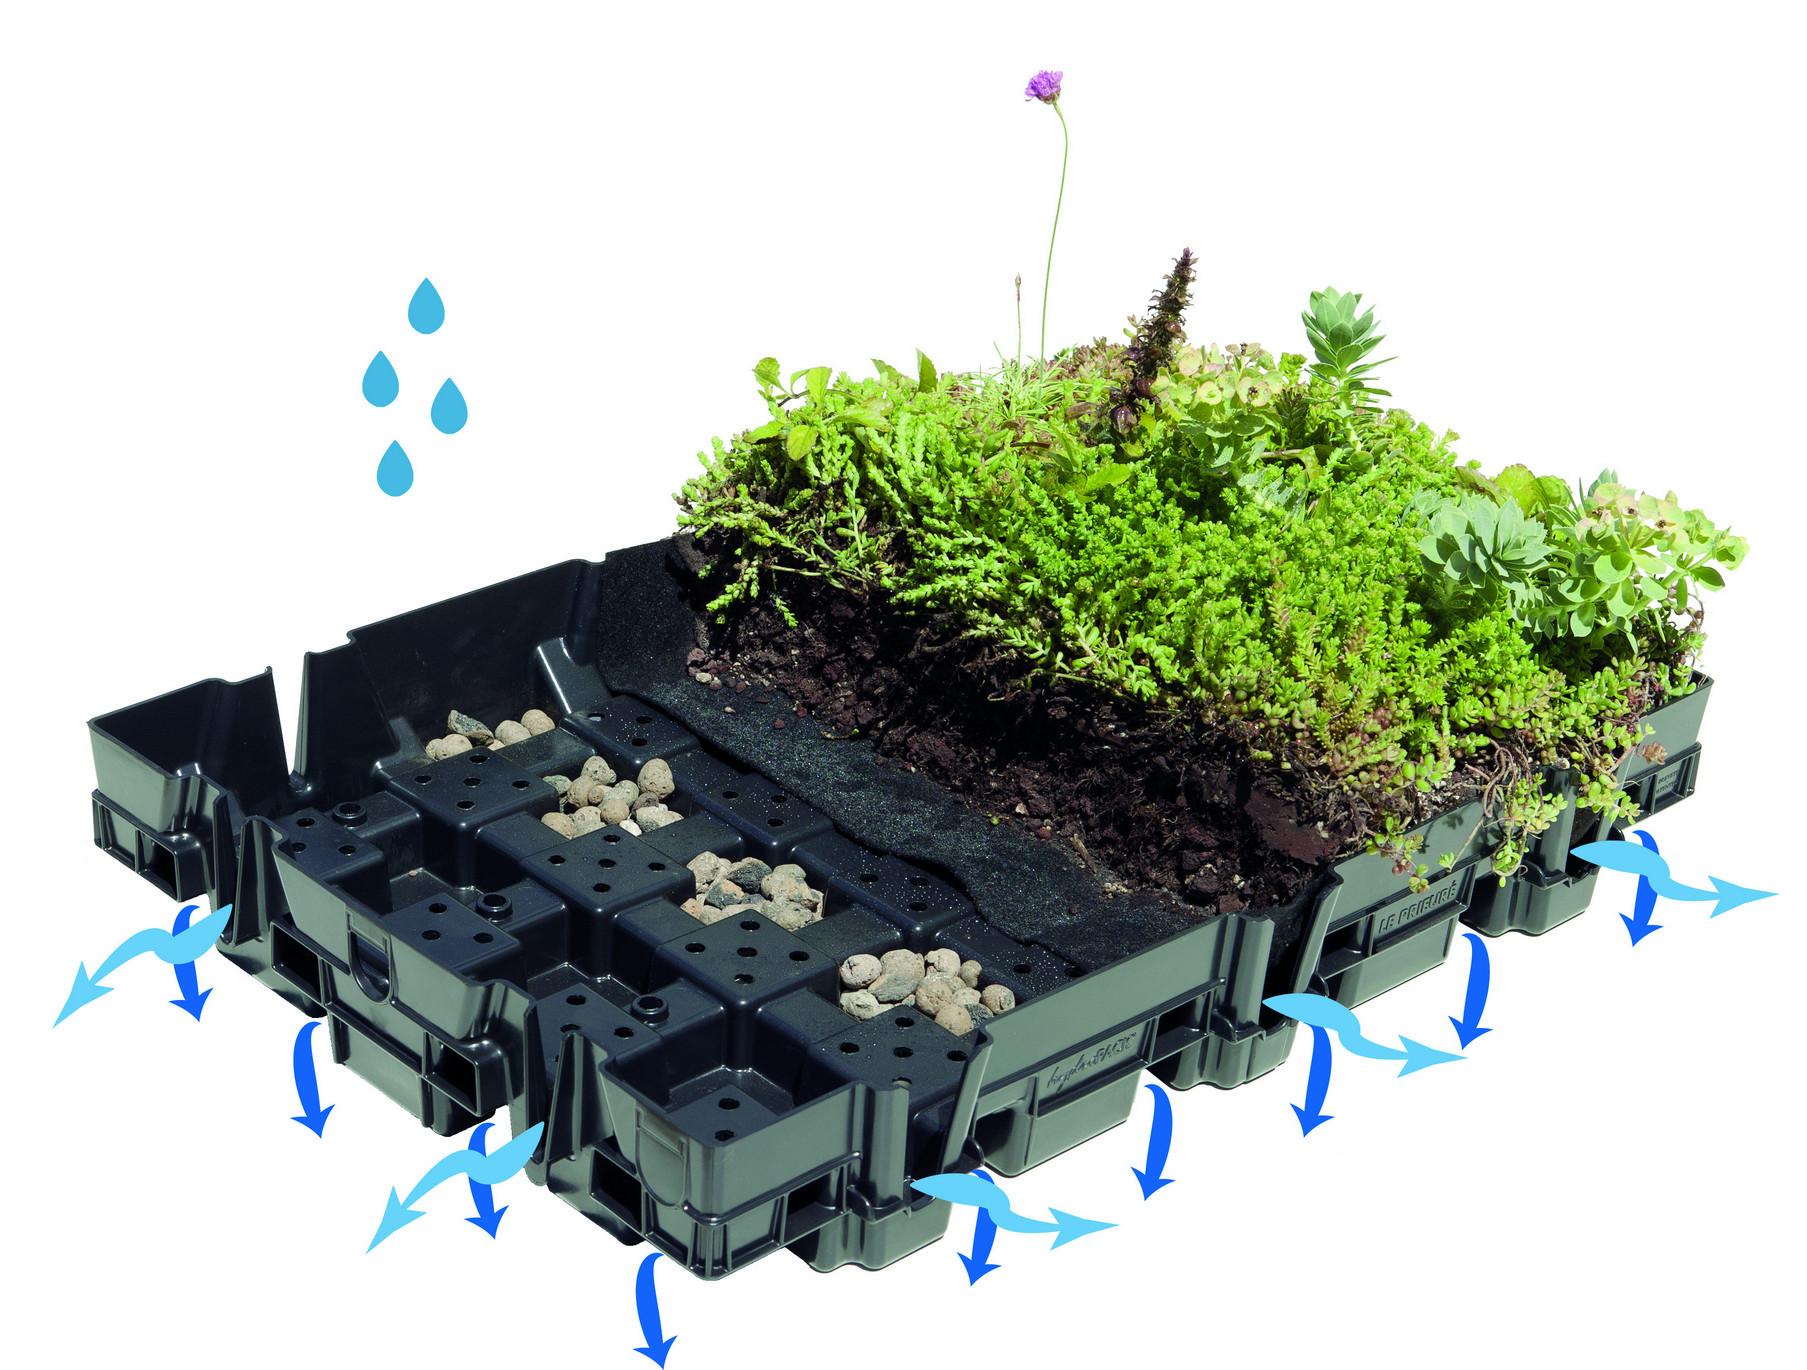 Toiture v g talis e et pergola evolutiv neostory pressroom - La toiture vegetalisee ...